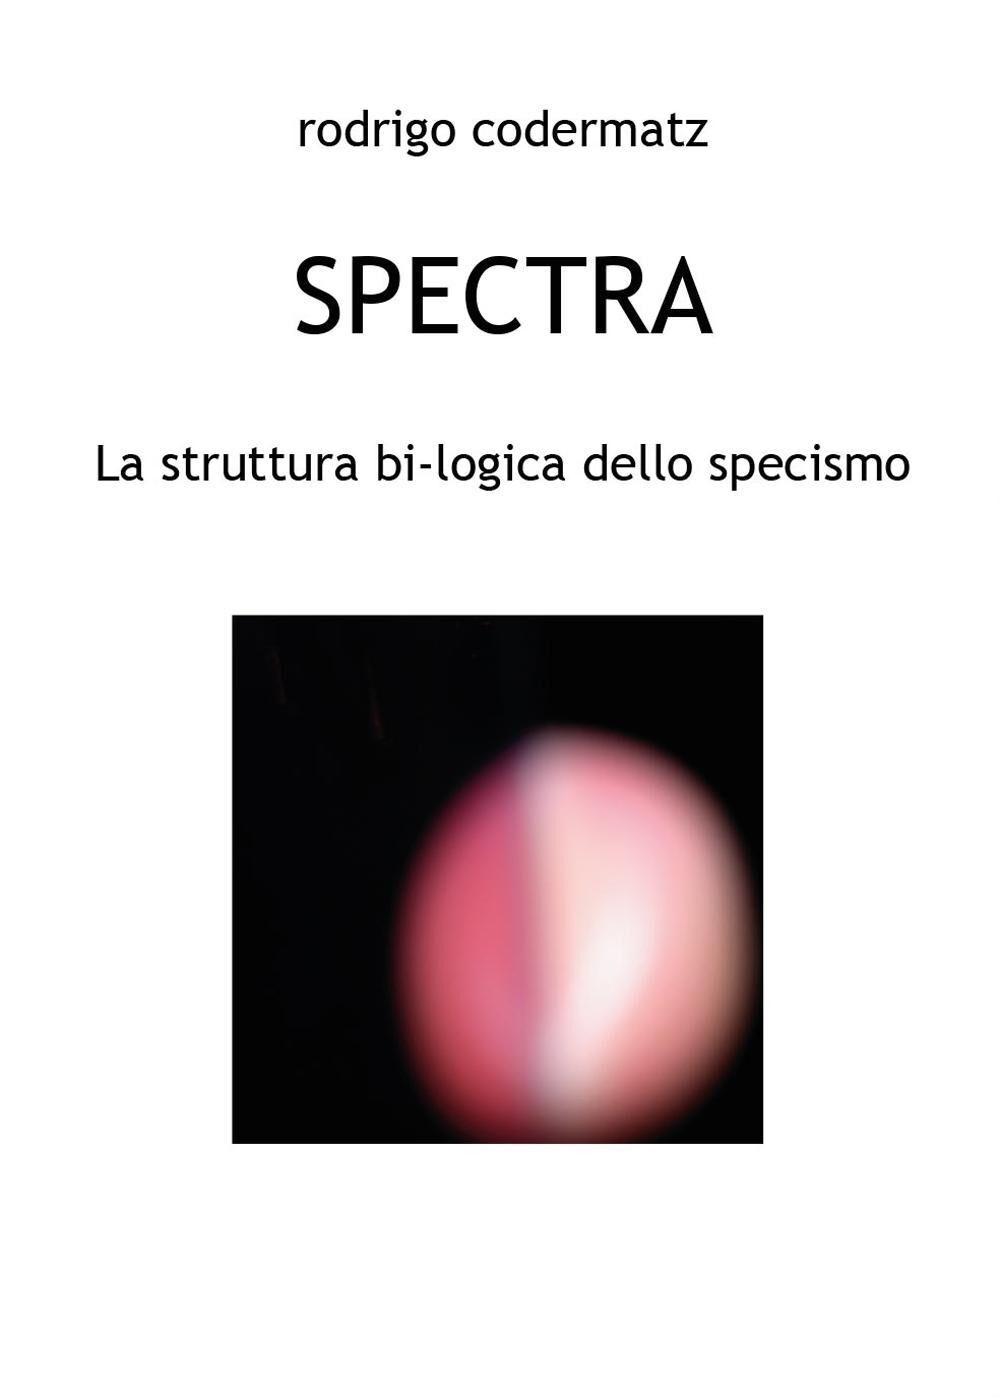 Spectra. La struttura bi-logica dello specismo